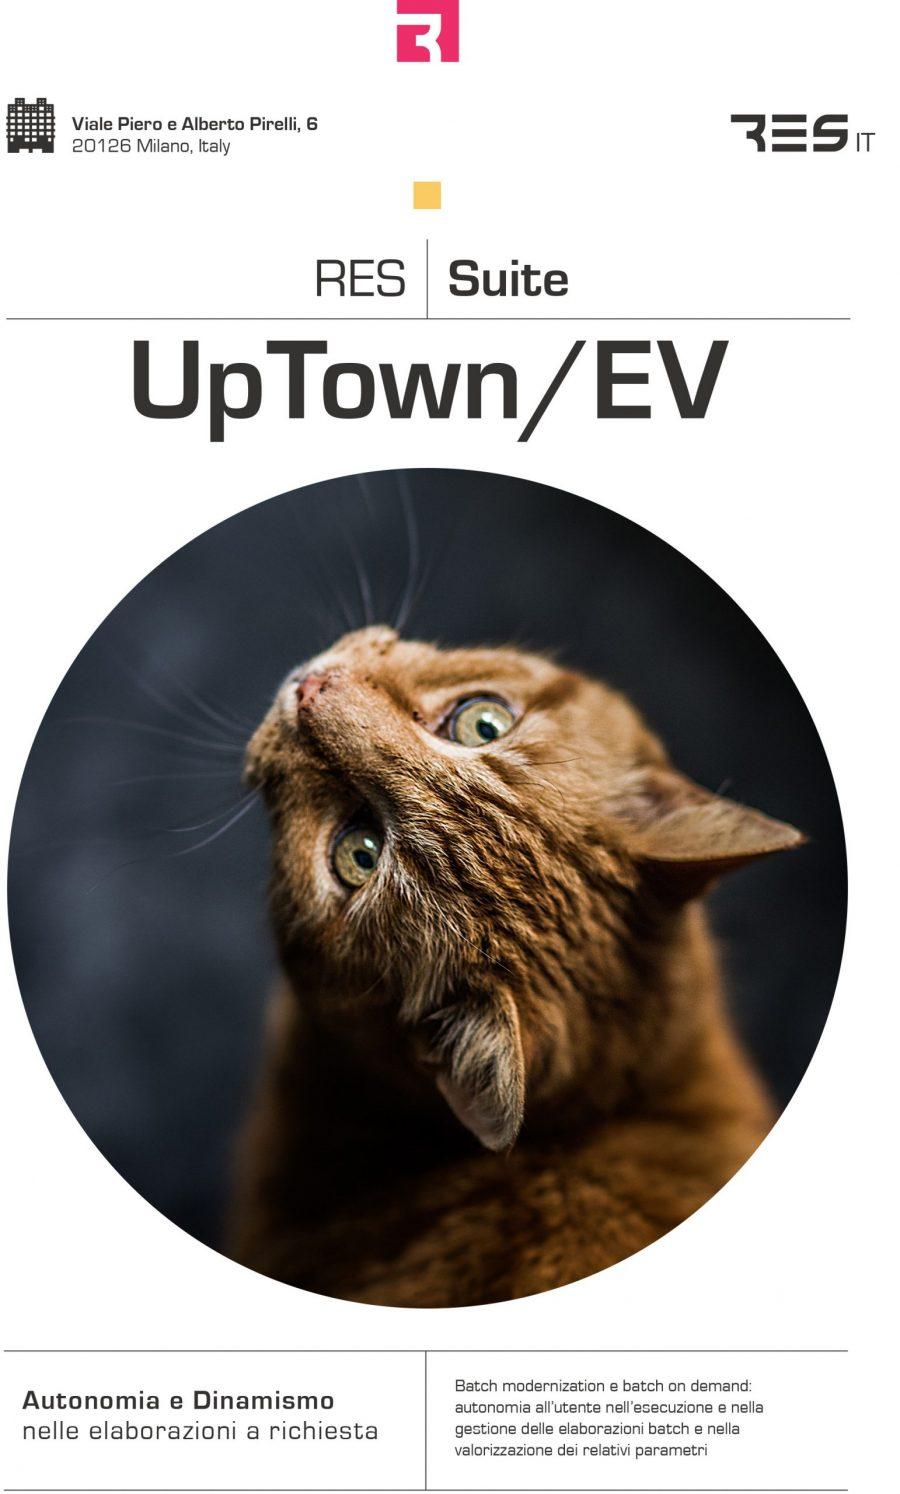 UpTown/EV